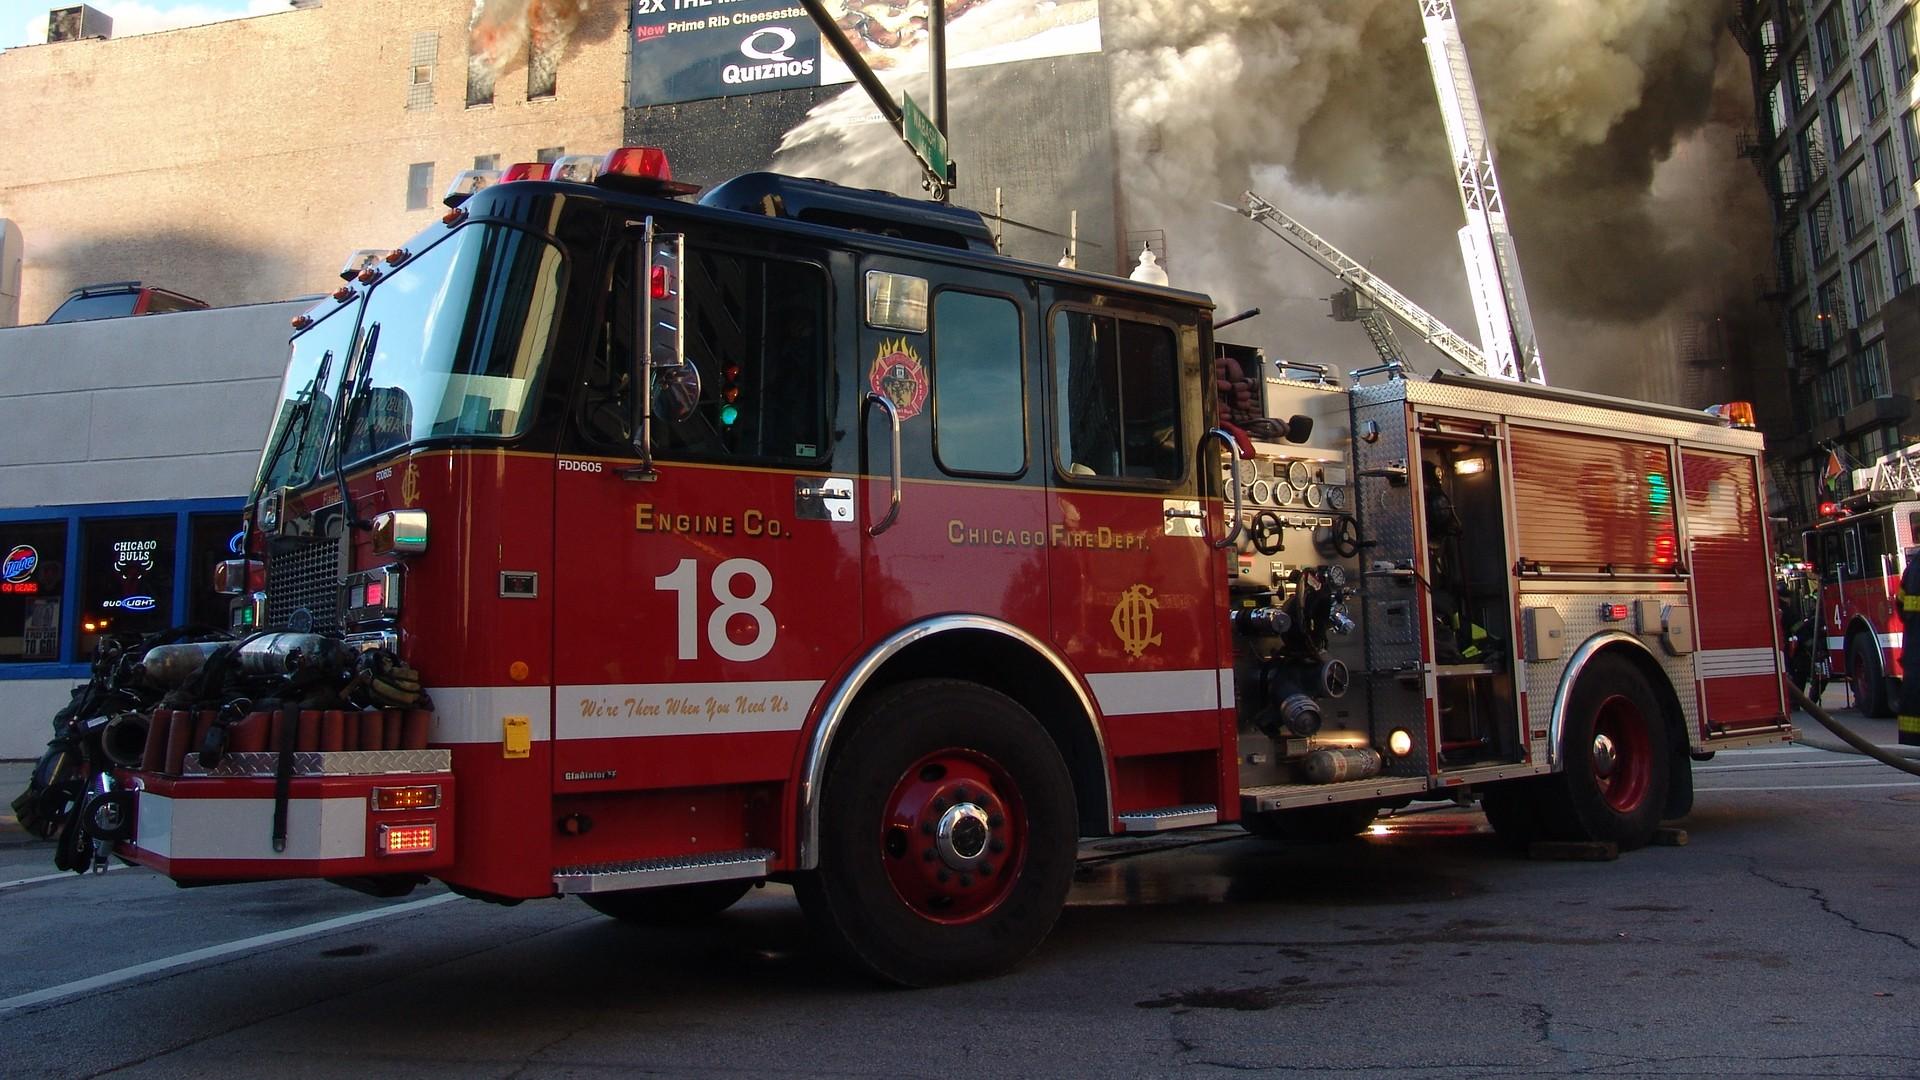 911 Firefighter Wallpaper 1920x1080 911 Firefighter Firemen 1920x1080